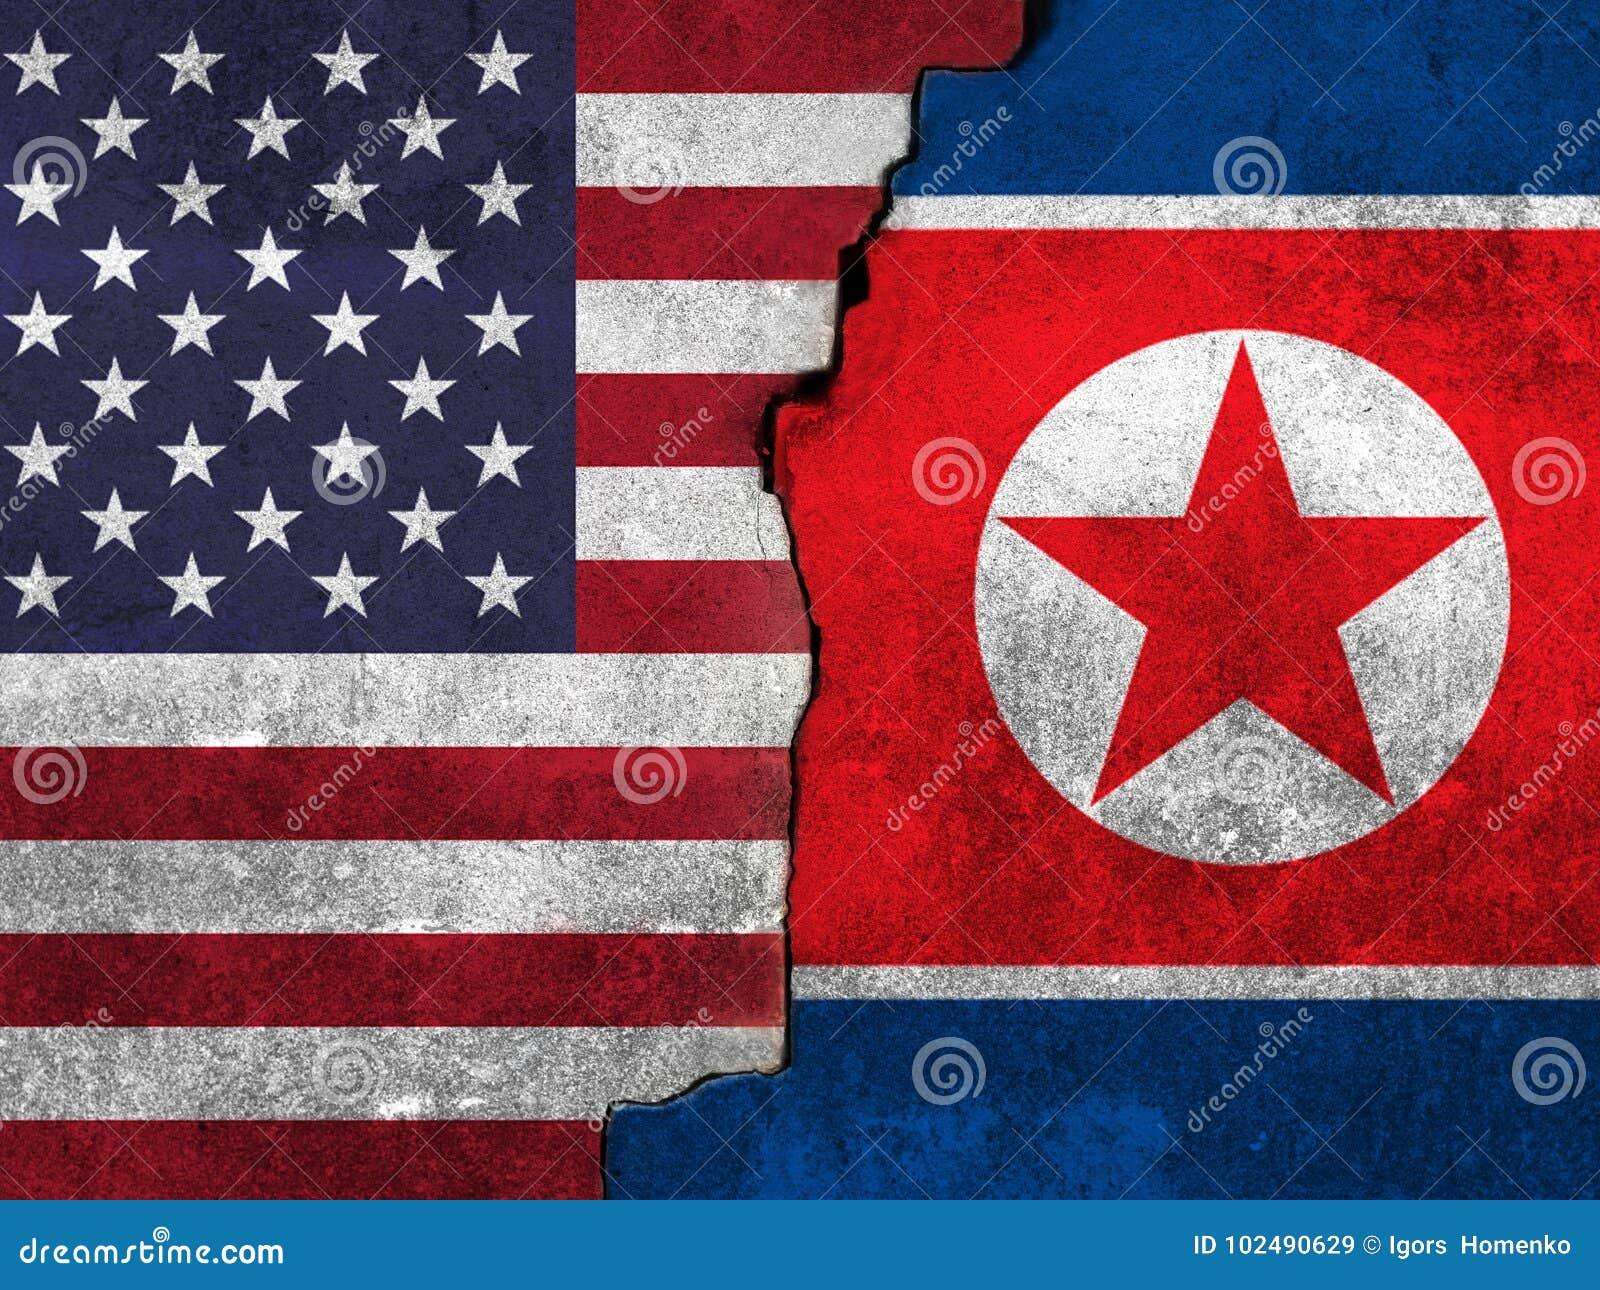 Drapeau des Etats-Unis et de la Corée du Nord